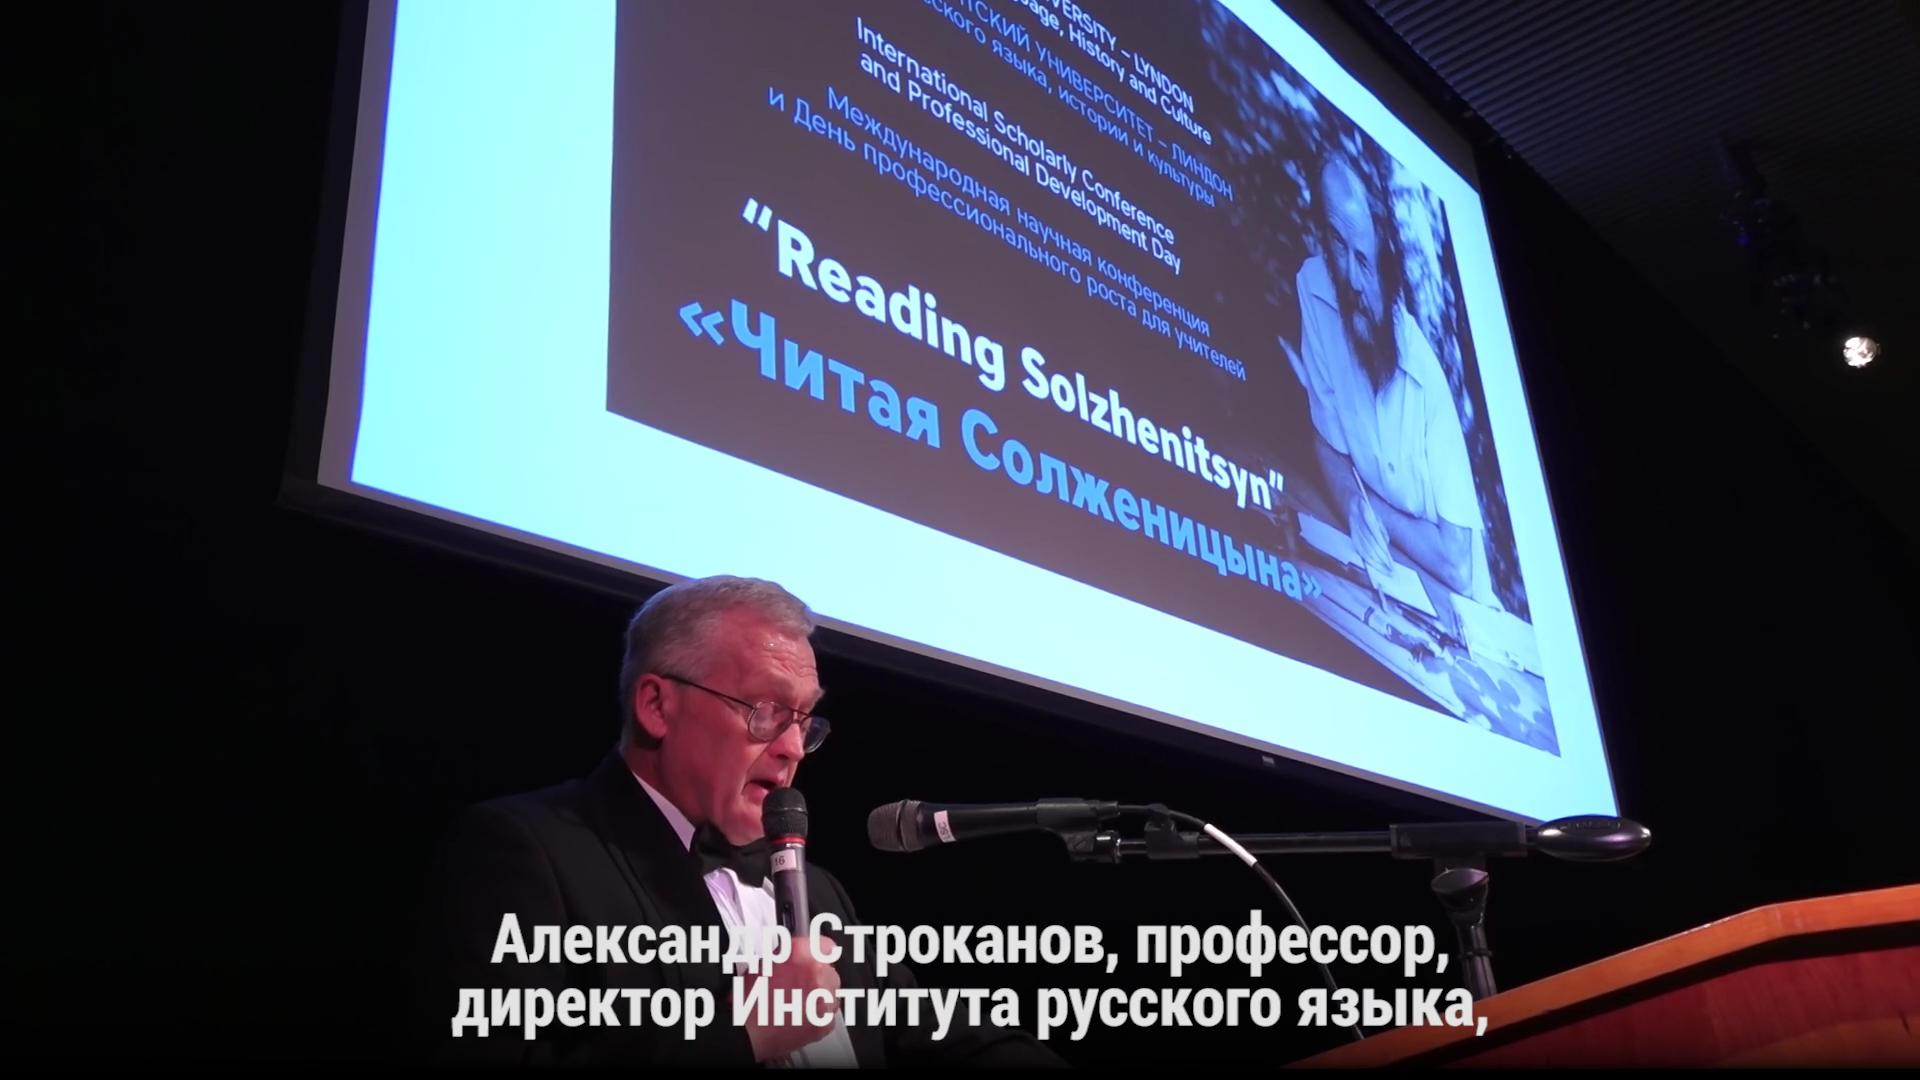 02-20180921-Вермонт читает Солженицына[(001092)2018-09-23-14-36-59]